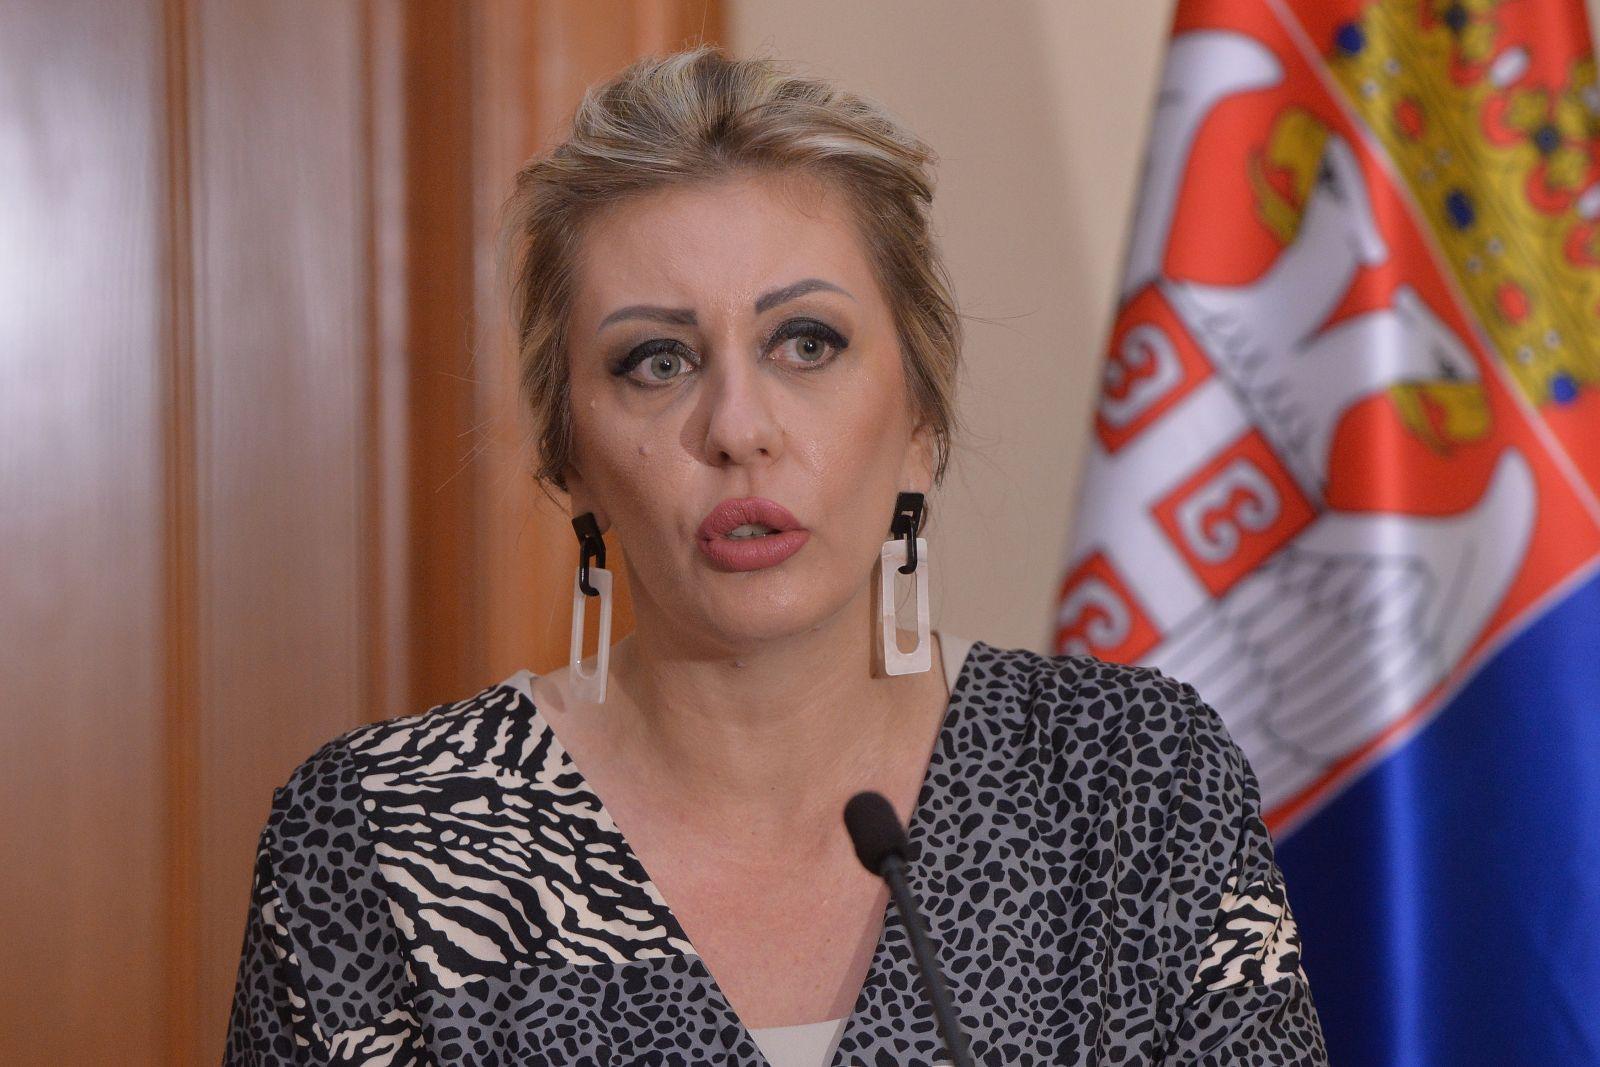 Јоксимовић посланицима ЕП: Мере сличне или једнаке европским